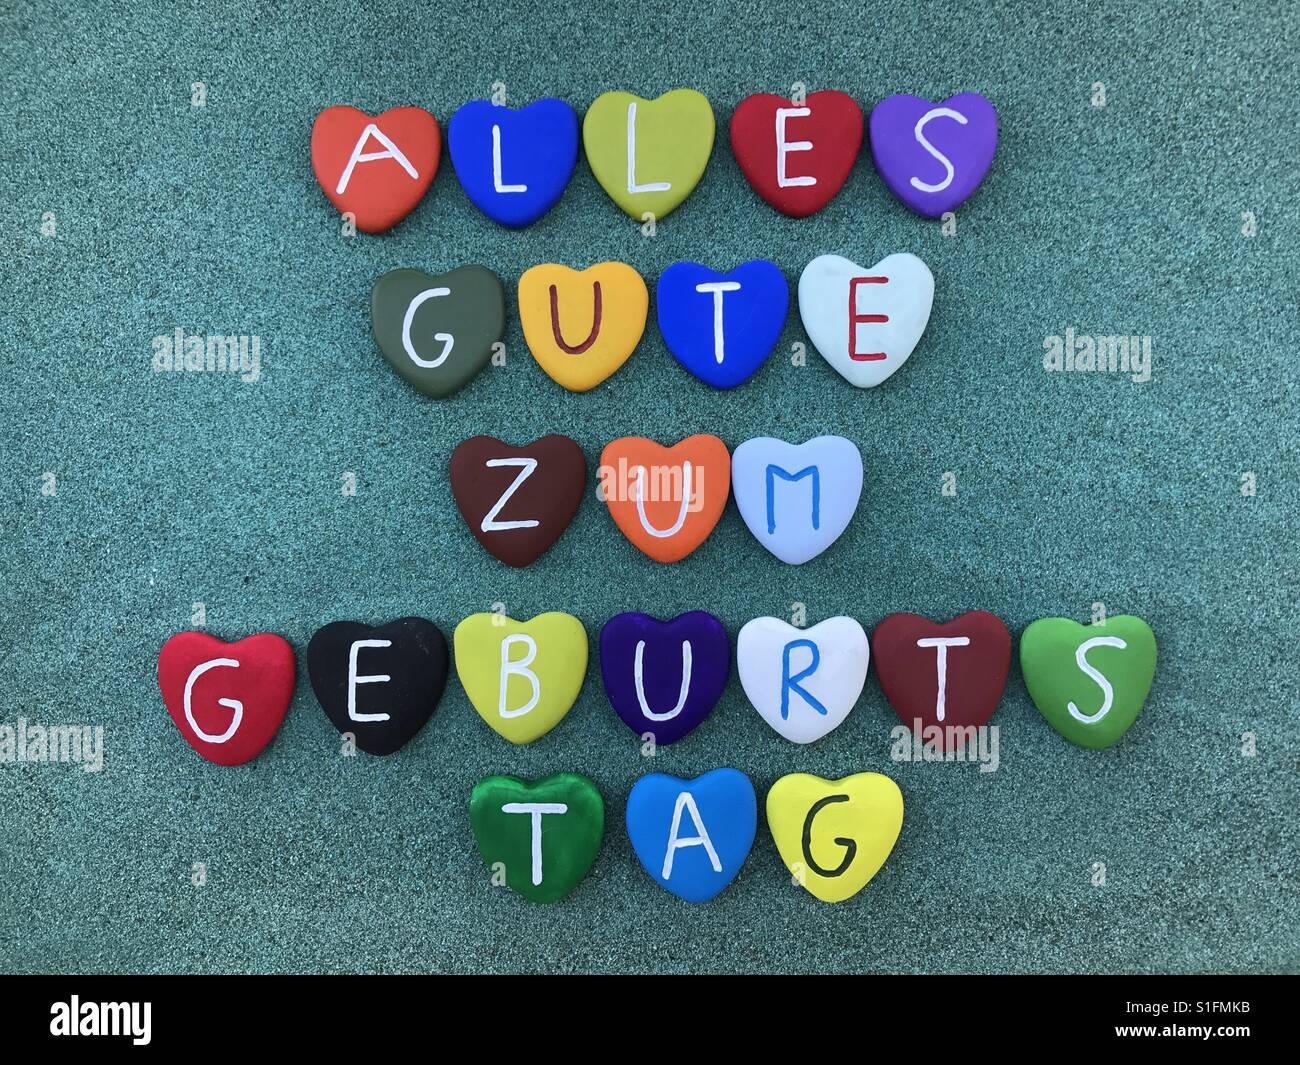 Alles Gute zum Geburtstag, Happy Birthday in german language